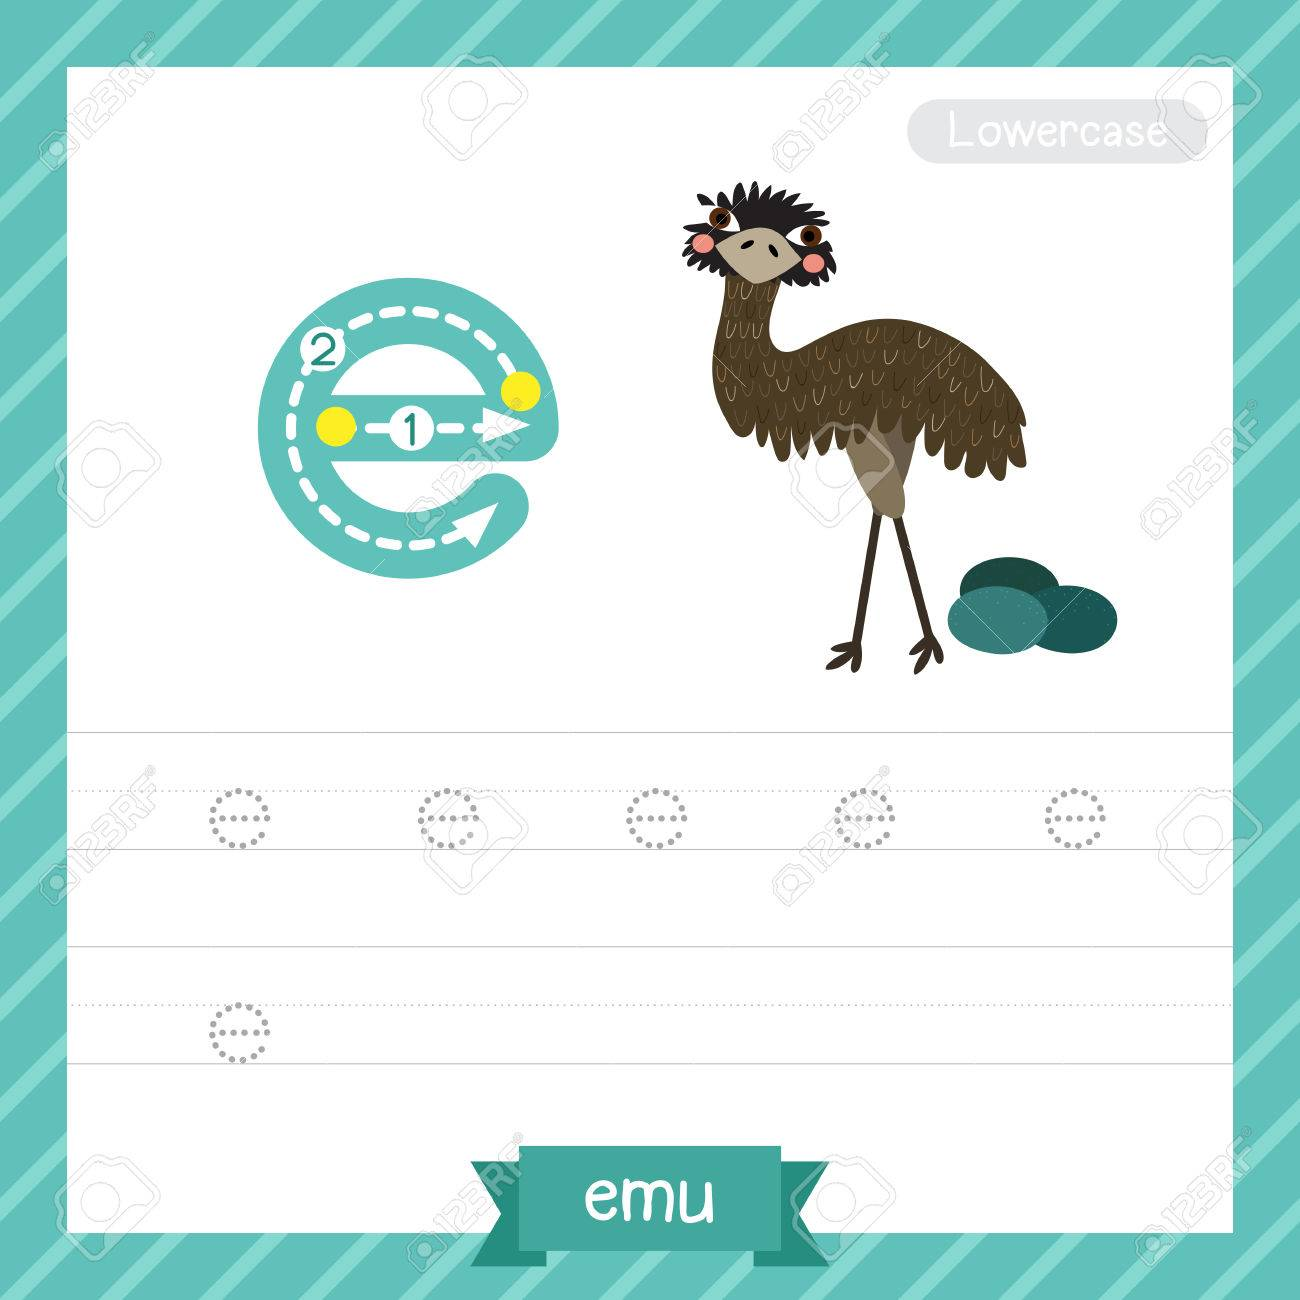 Letter E Kleinbuchstaben-Übungs-Arbeitsblatt Mit Emu Für Kinder ...